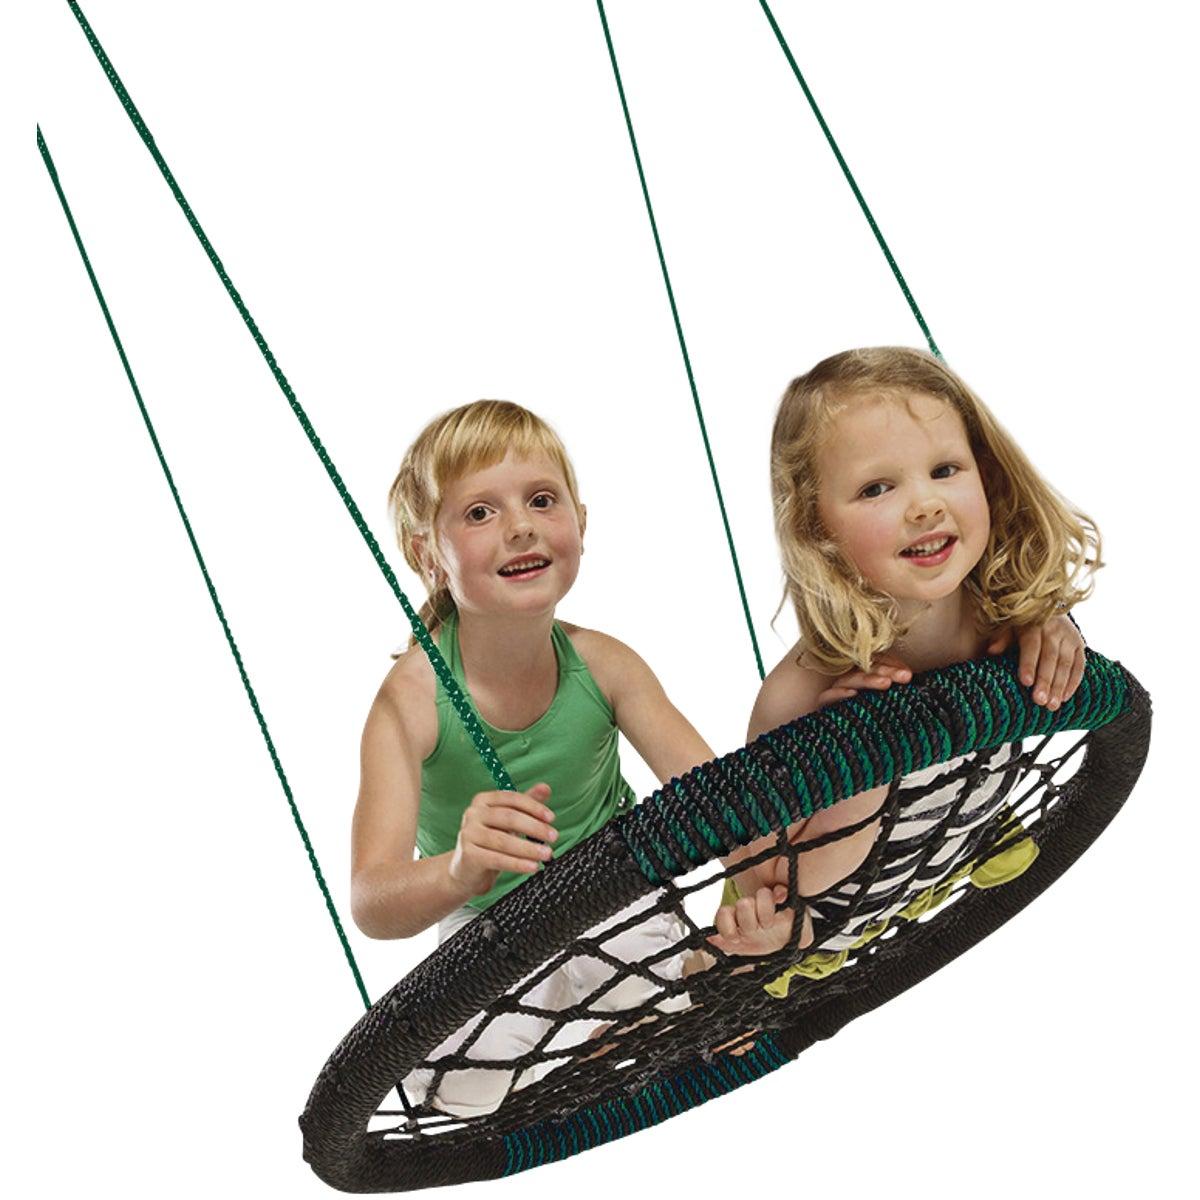 MONSTER WEB SWING - NE 3050 by Swing N Slide Corp